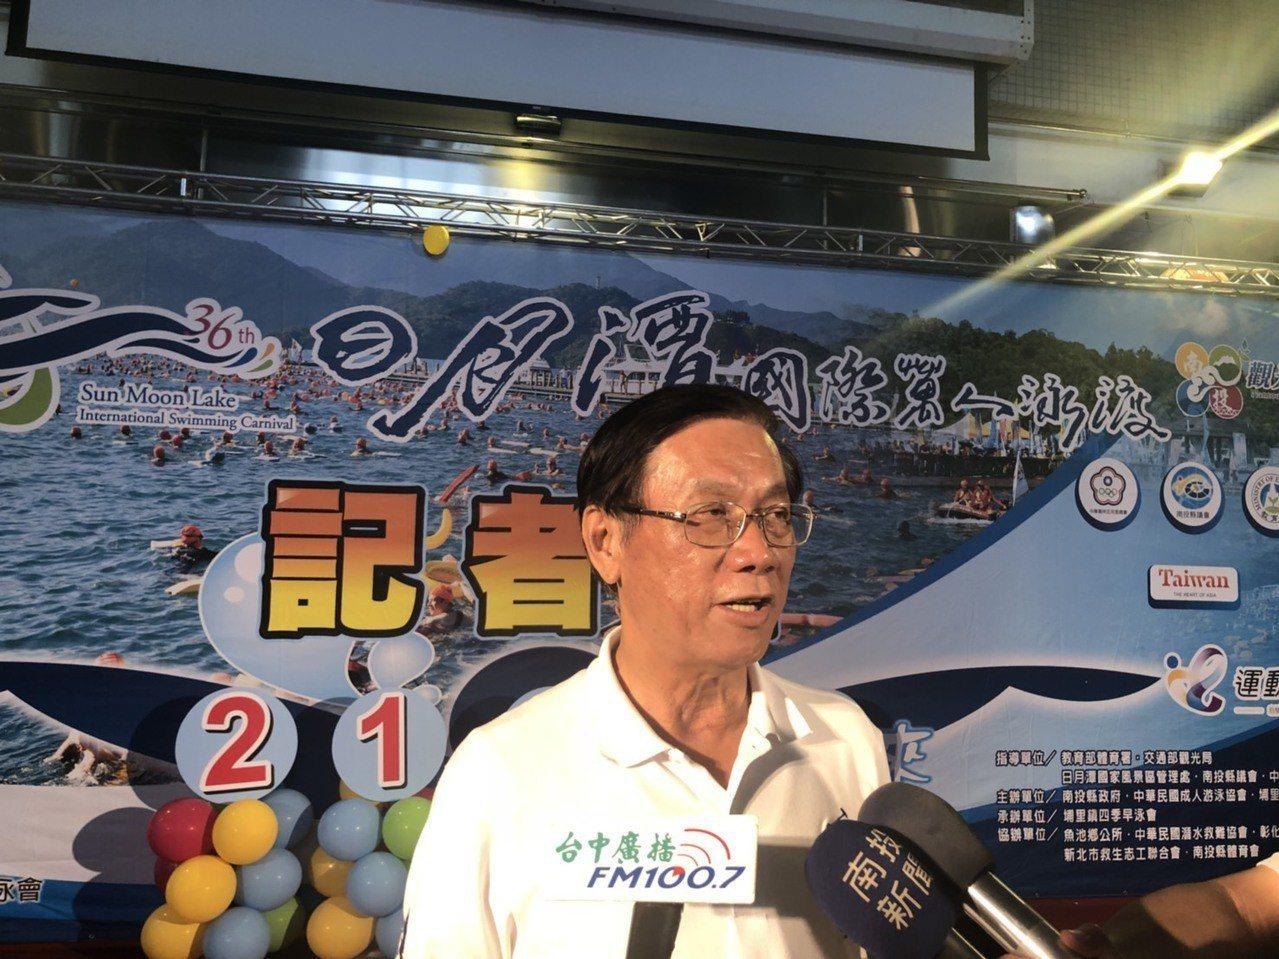 日月潭泳渡超過兩萬人參與,縣長林明溱希望進一步提升為國際馬拉松泳賽認證比賽場地。...